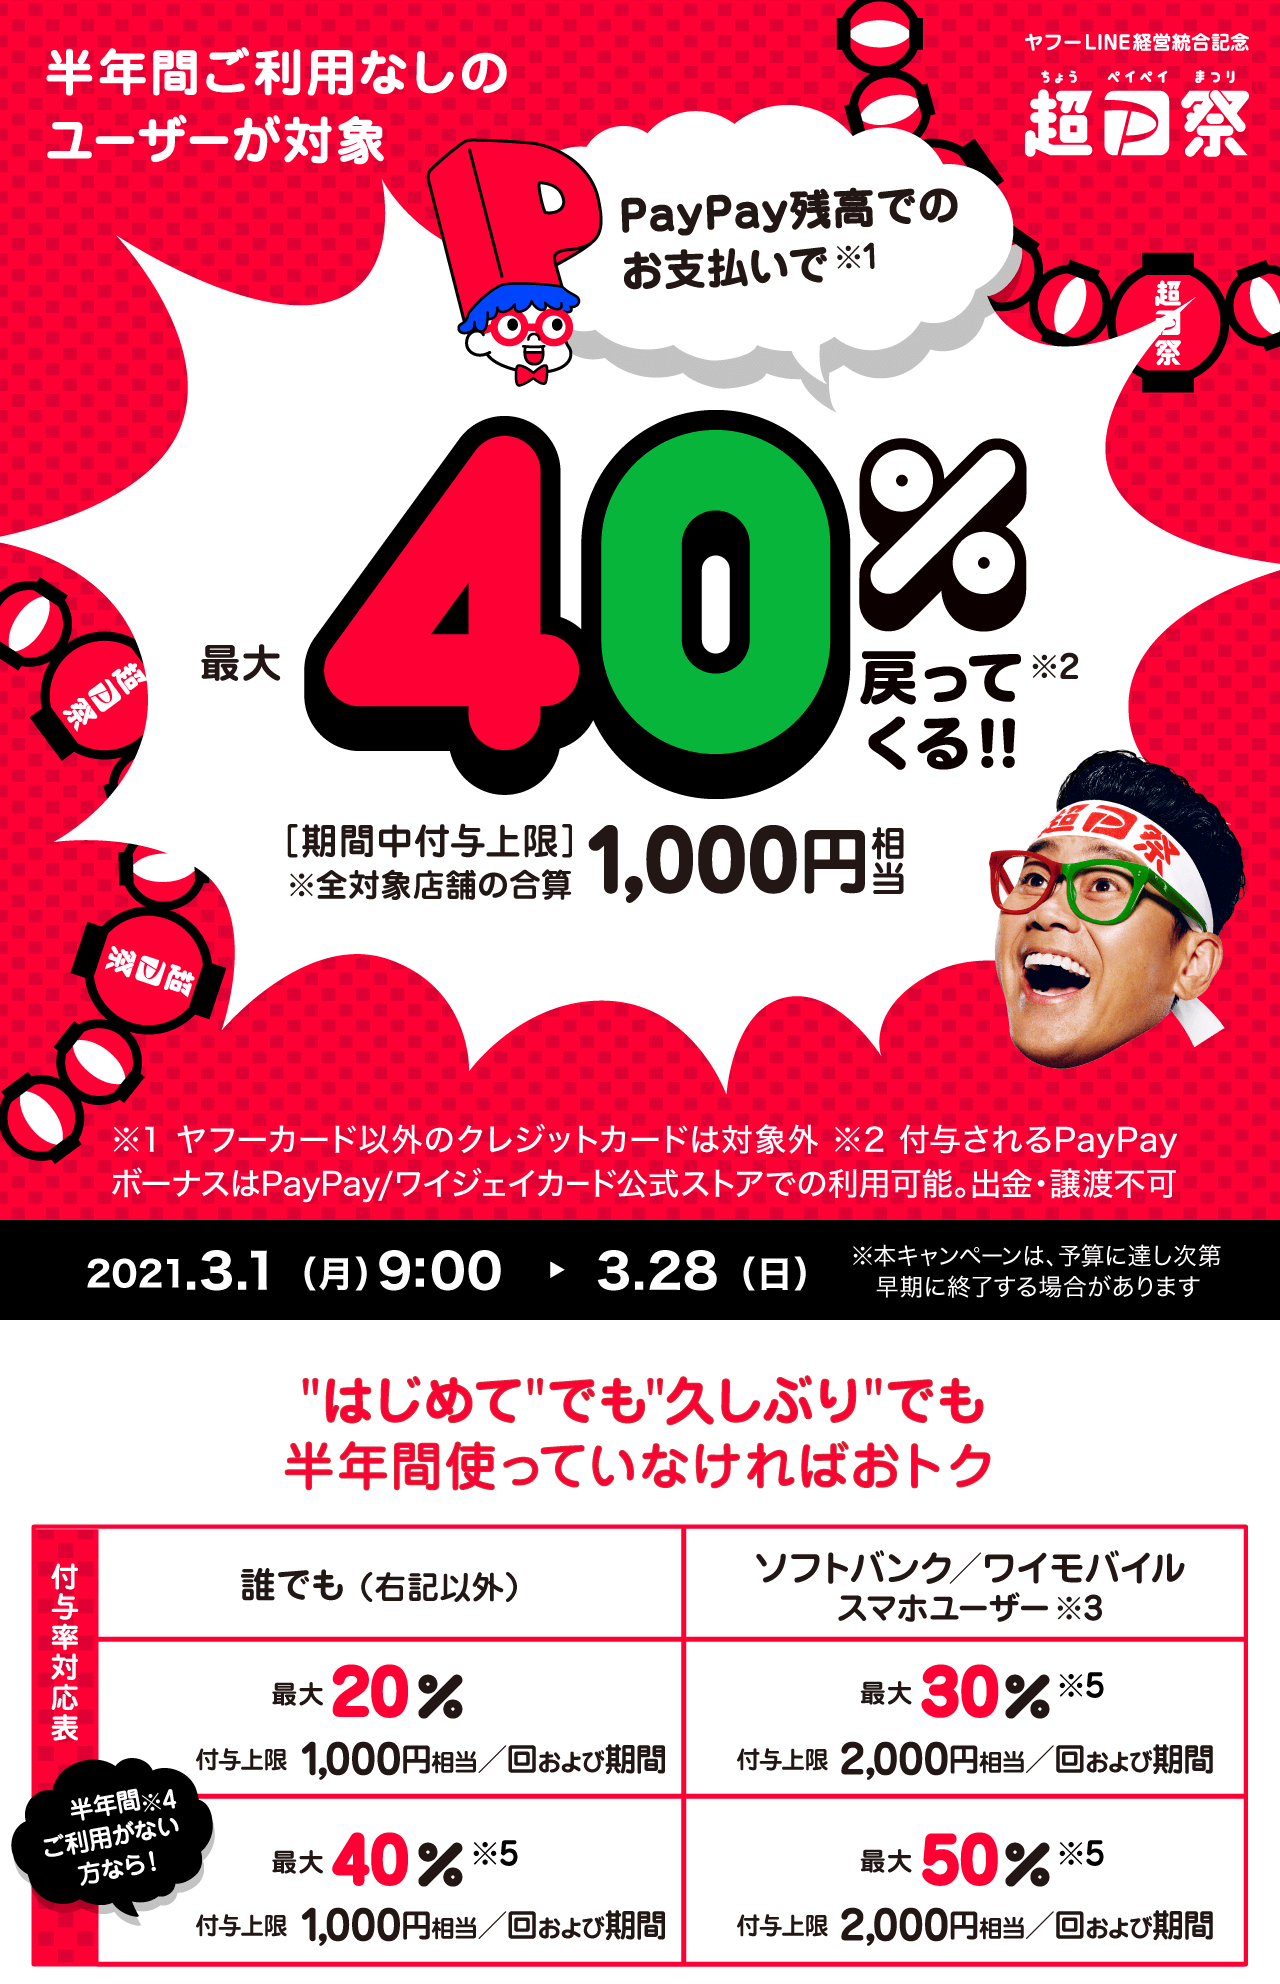 PayPay残高でのお支払いで最大40%戻ってくる!!